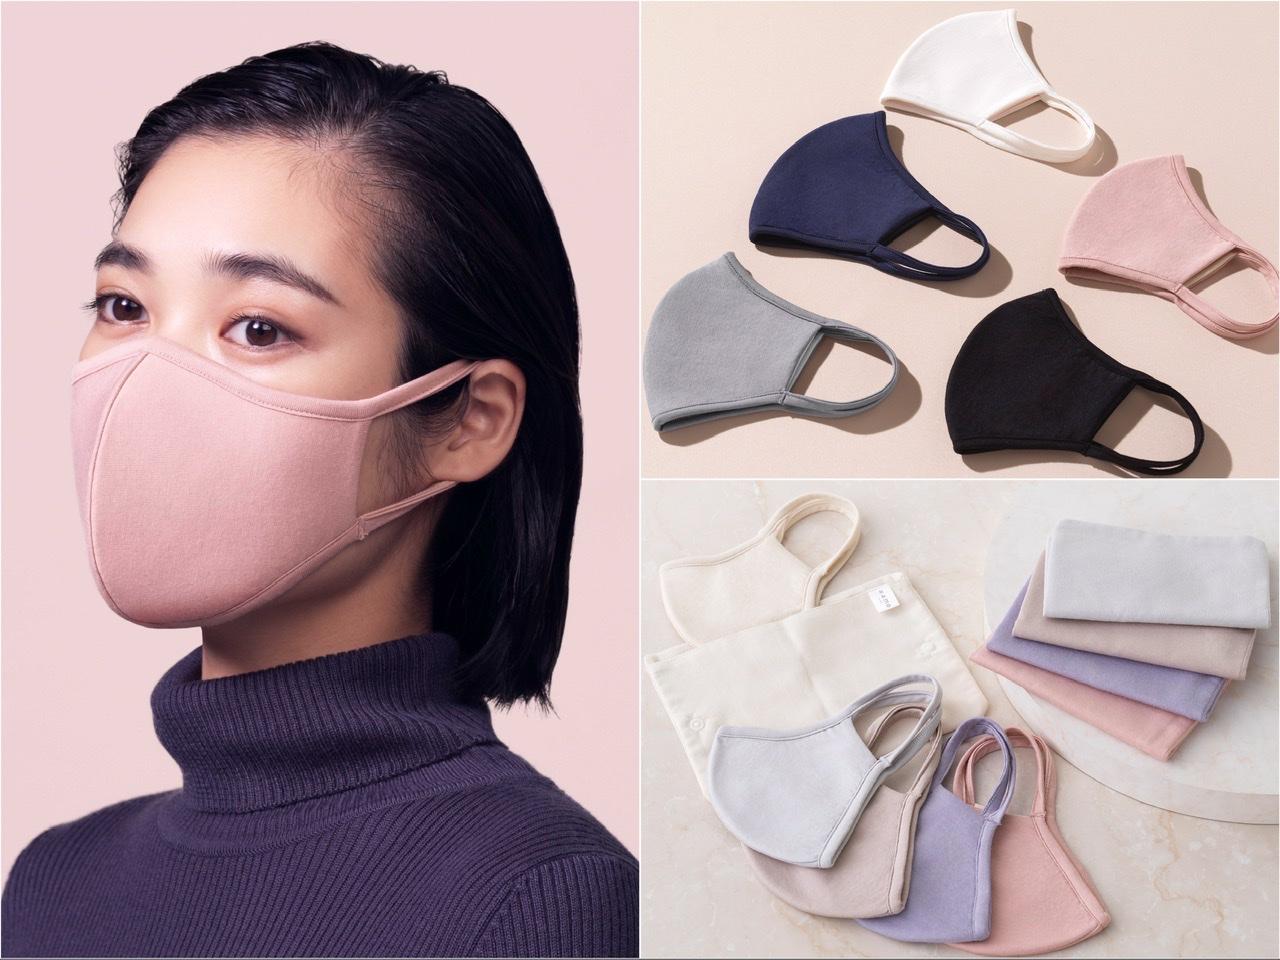 『GU』の高機能マスク、10/30(金)発売! 可愛い・洗濯機で洗える・プチプラ、買わない理由が見つからないんです♡_1